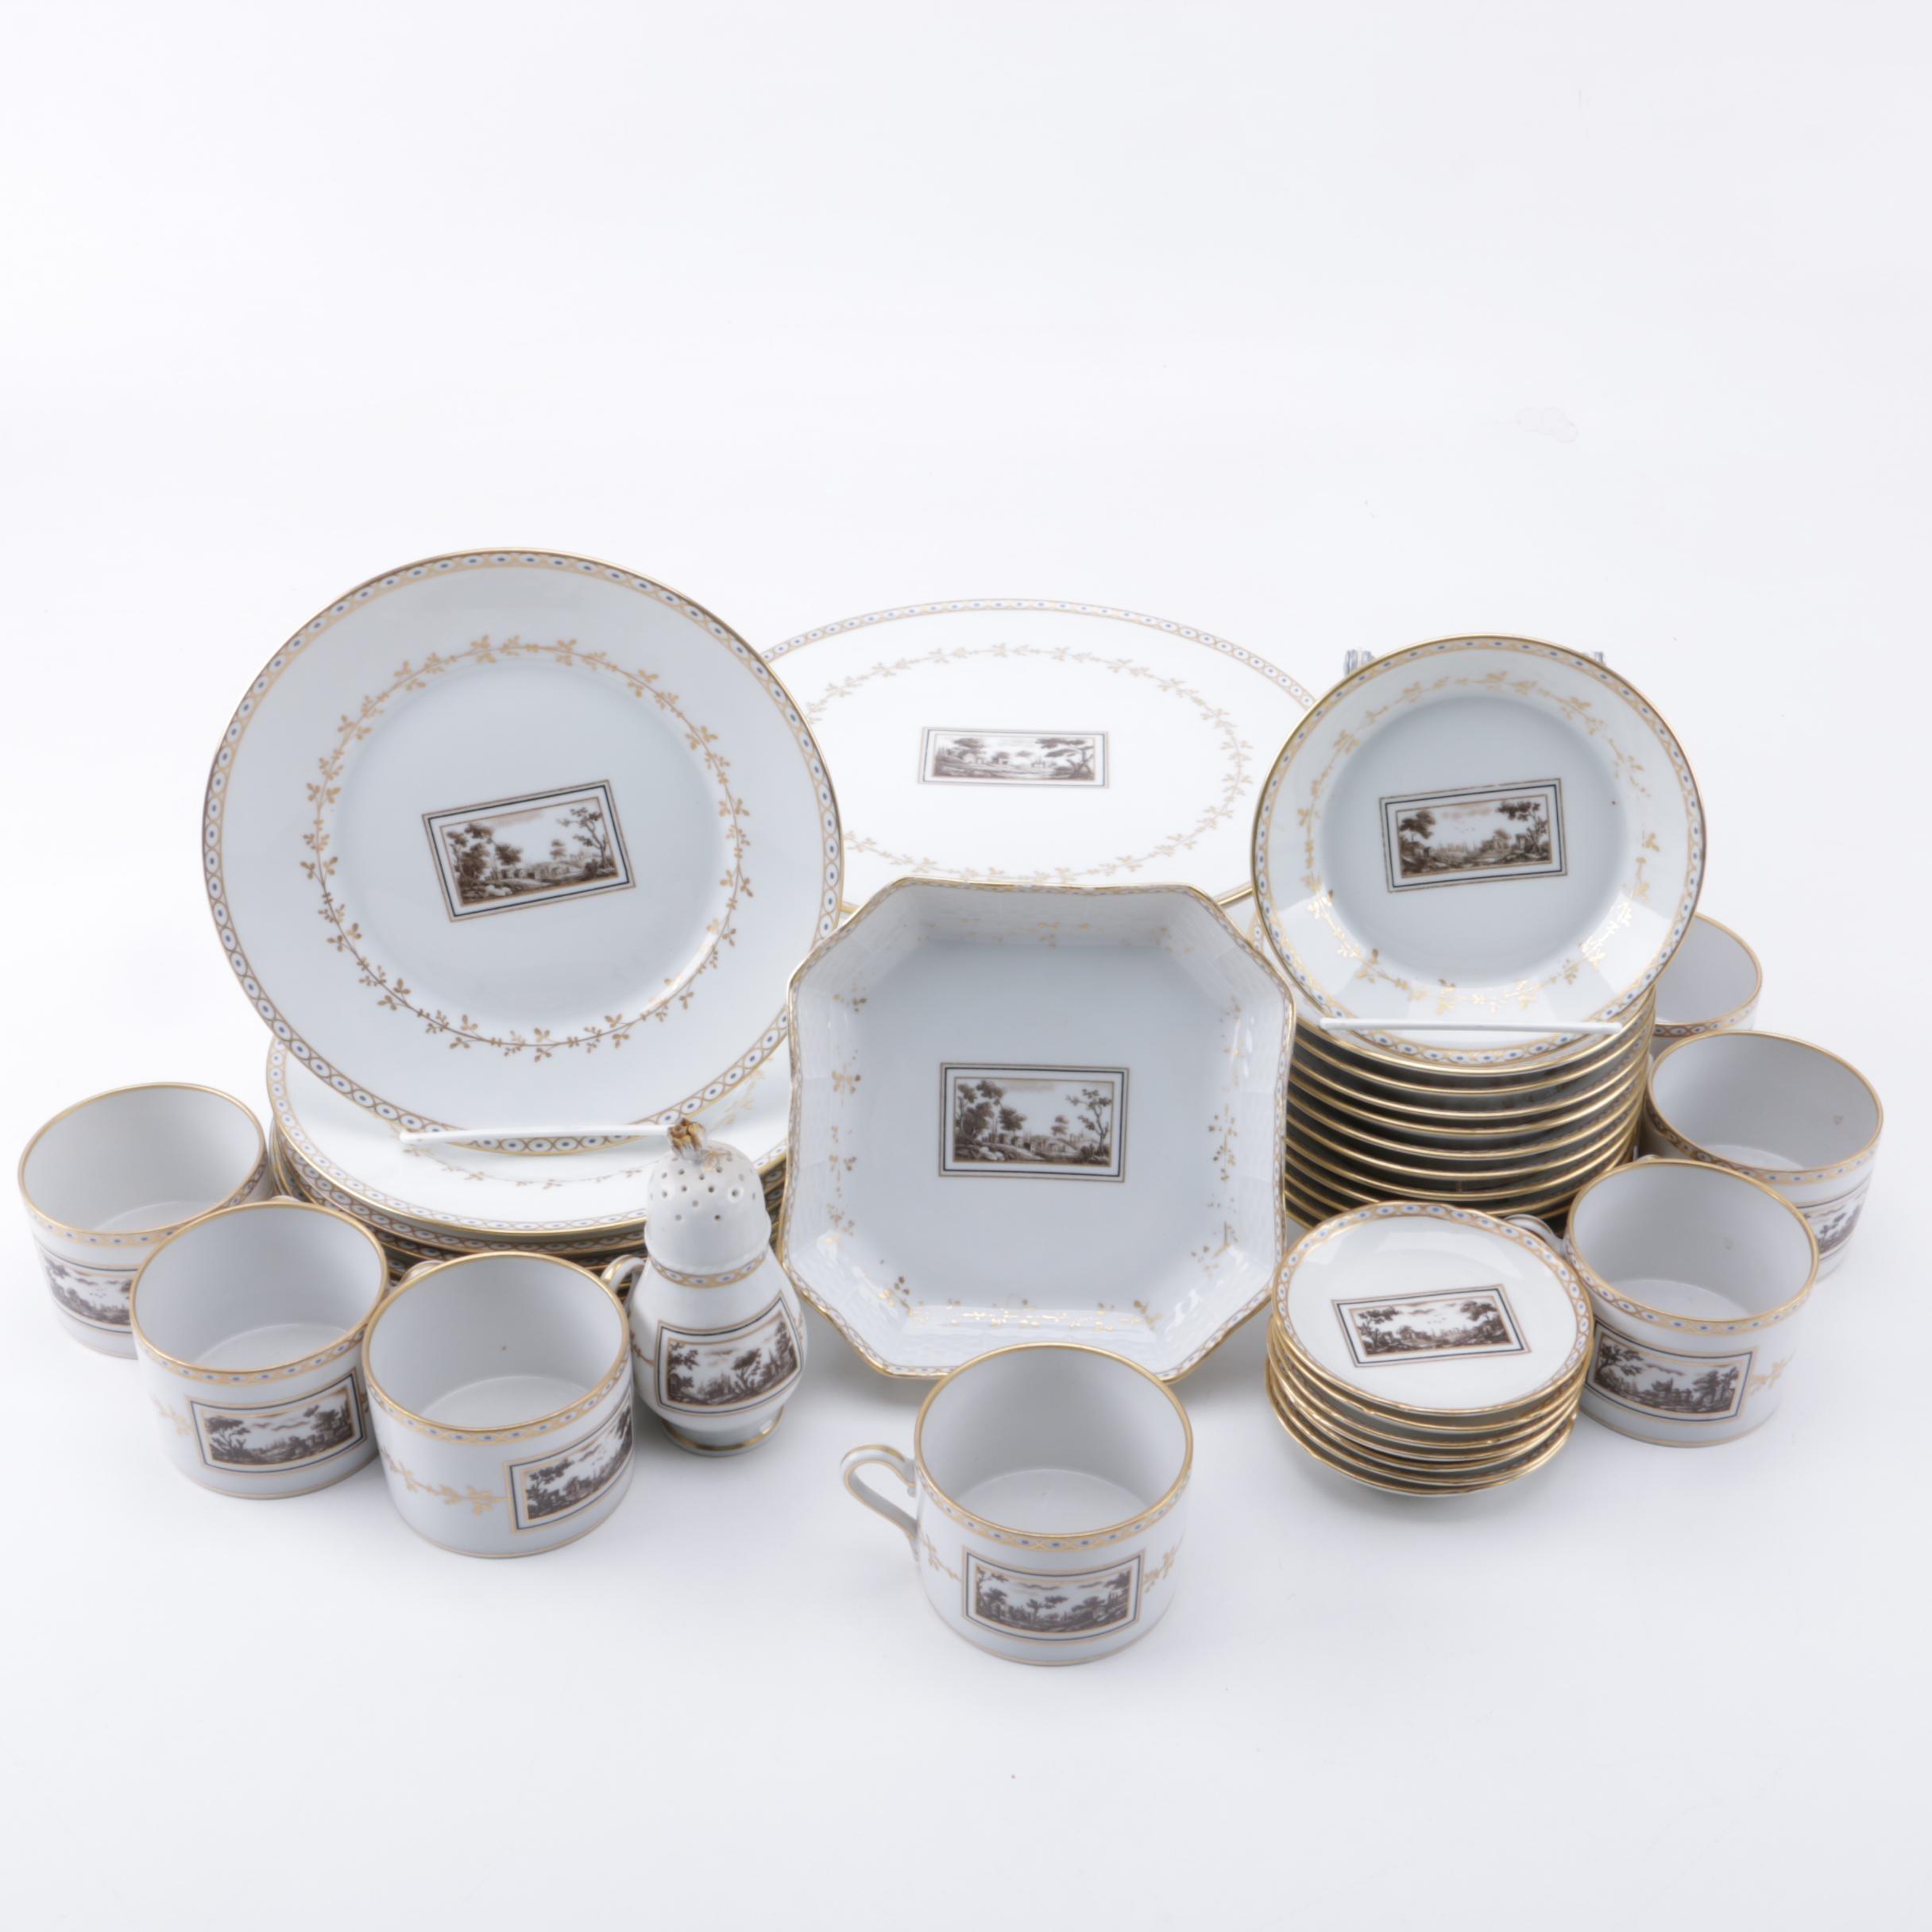 Richard Ginori Porcelain Tableware